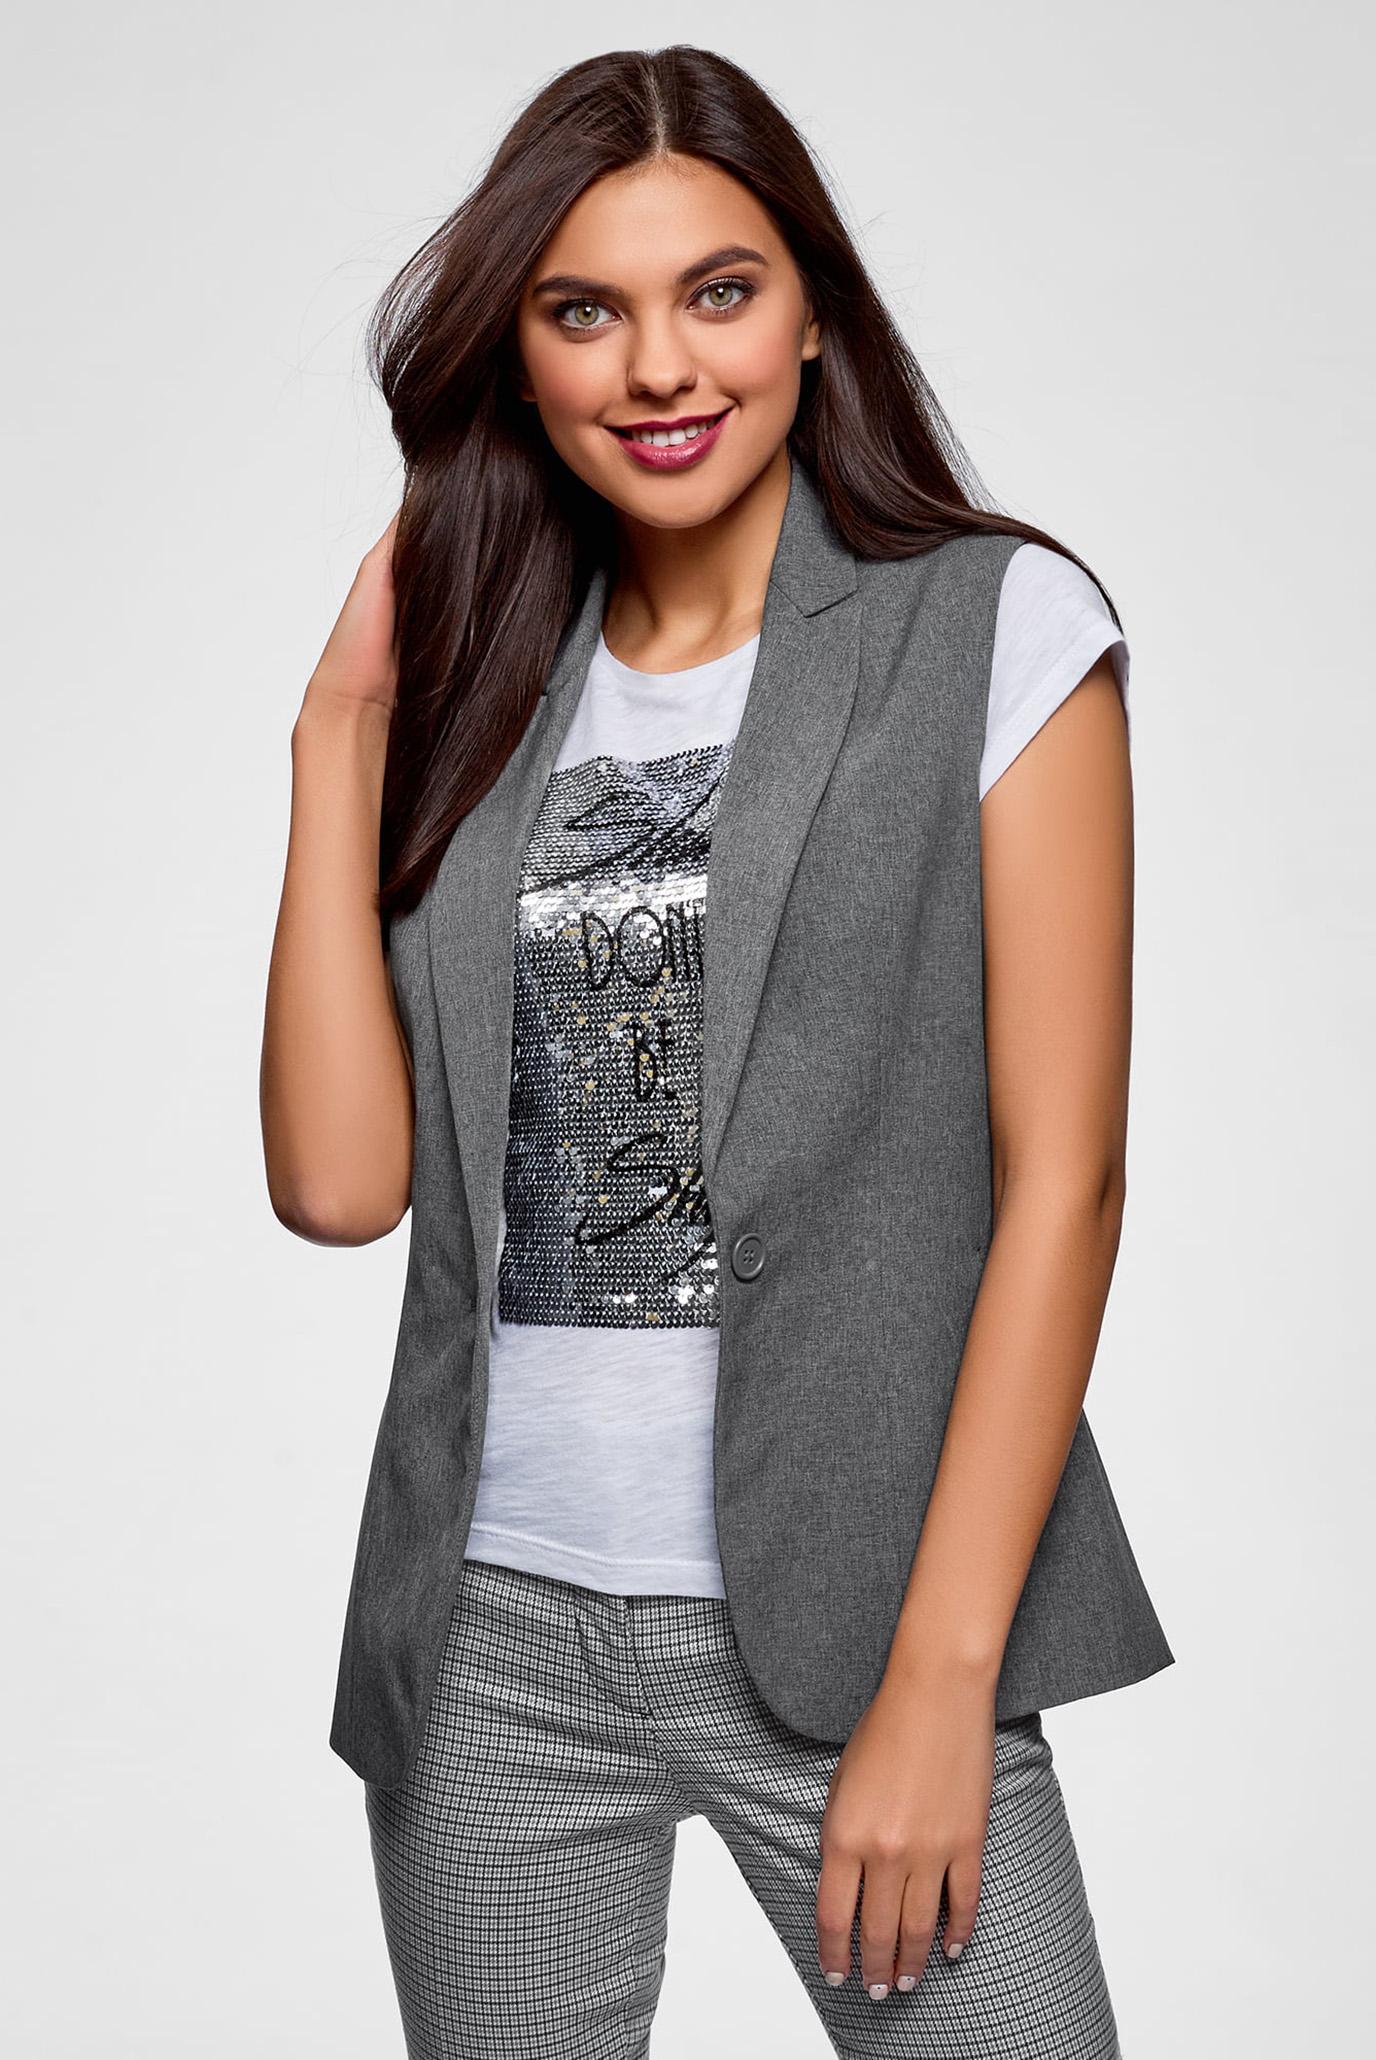 Купить Женский серый жилет Oodji Oodji 12300099-10B/14917/2500M – Киев, Украина. Цены в интернет магазине MD Fashion